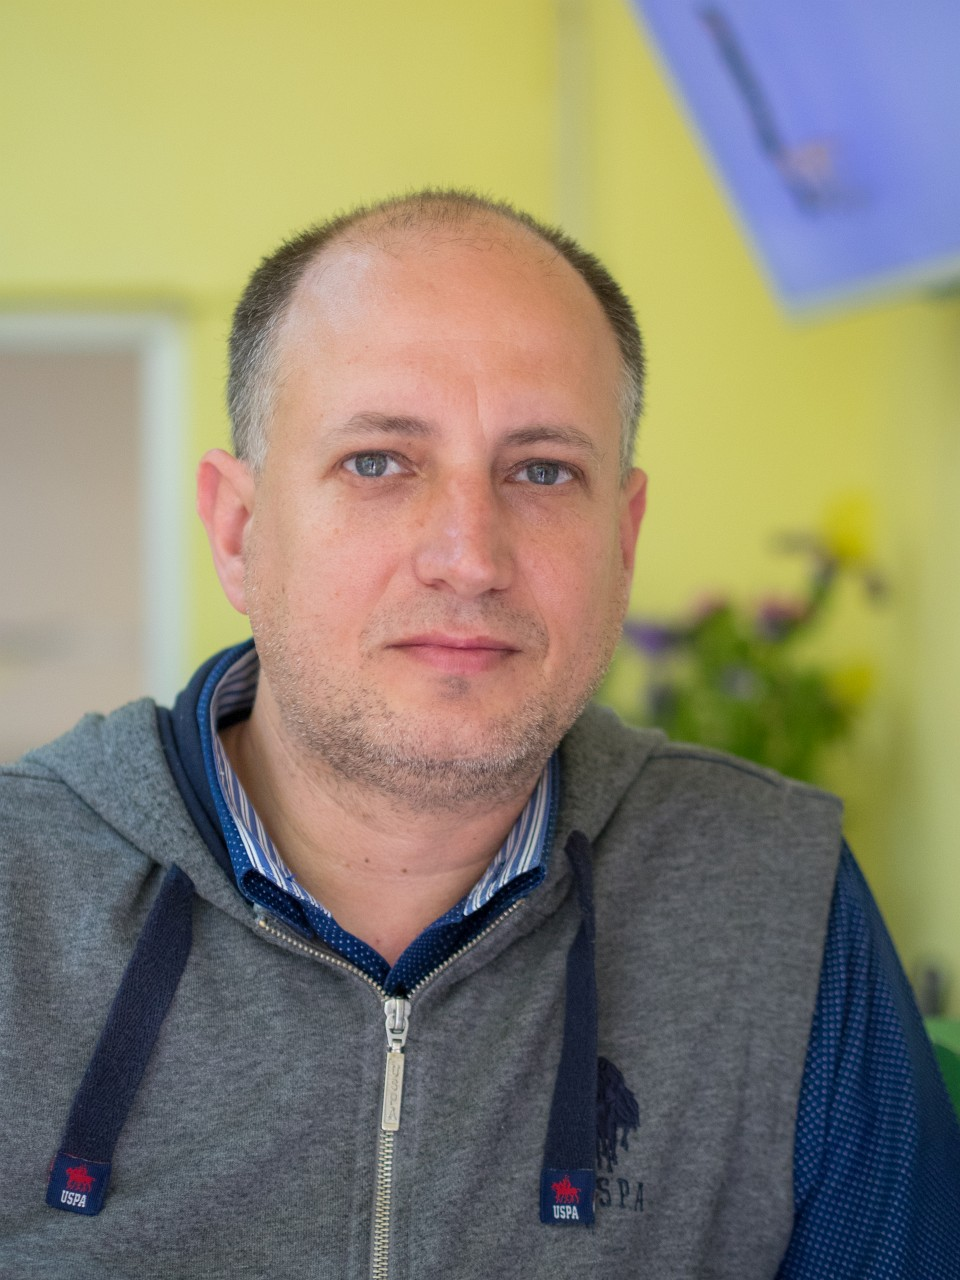 Robertino Cernescu